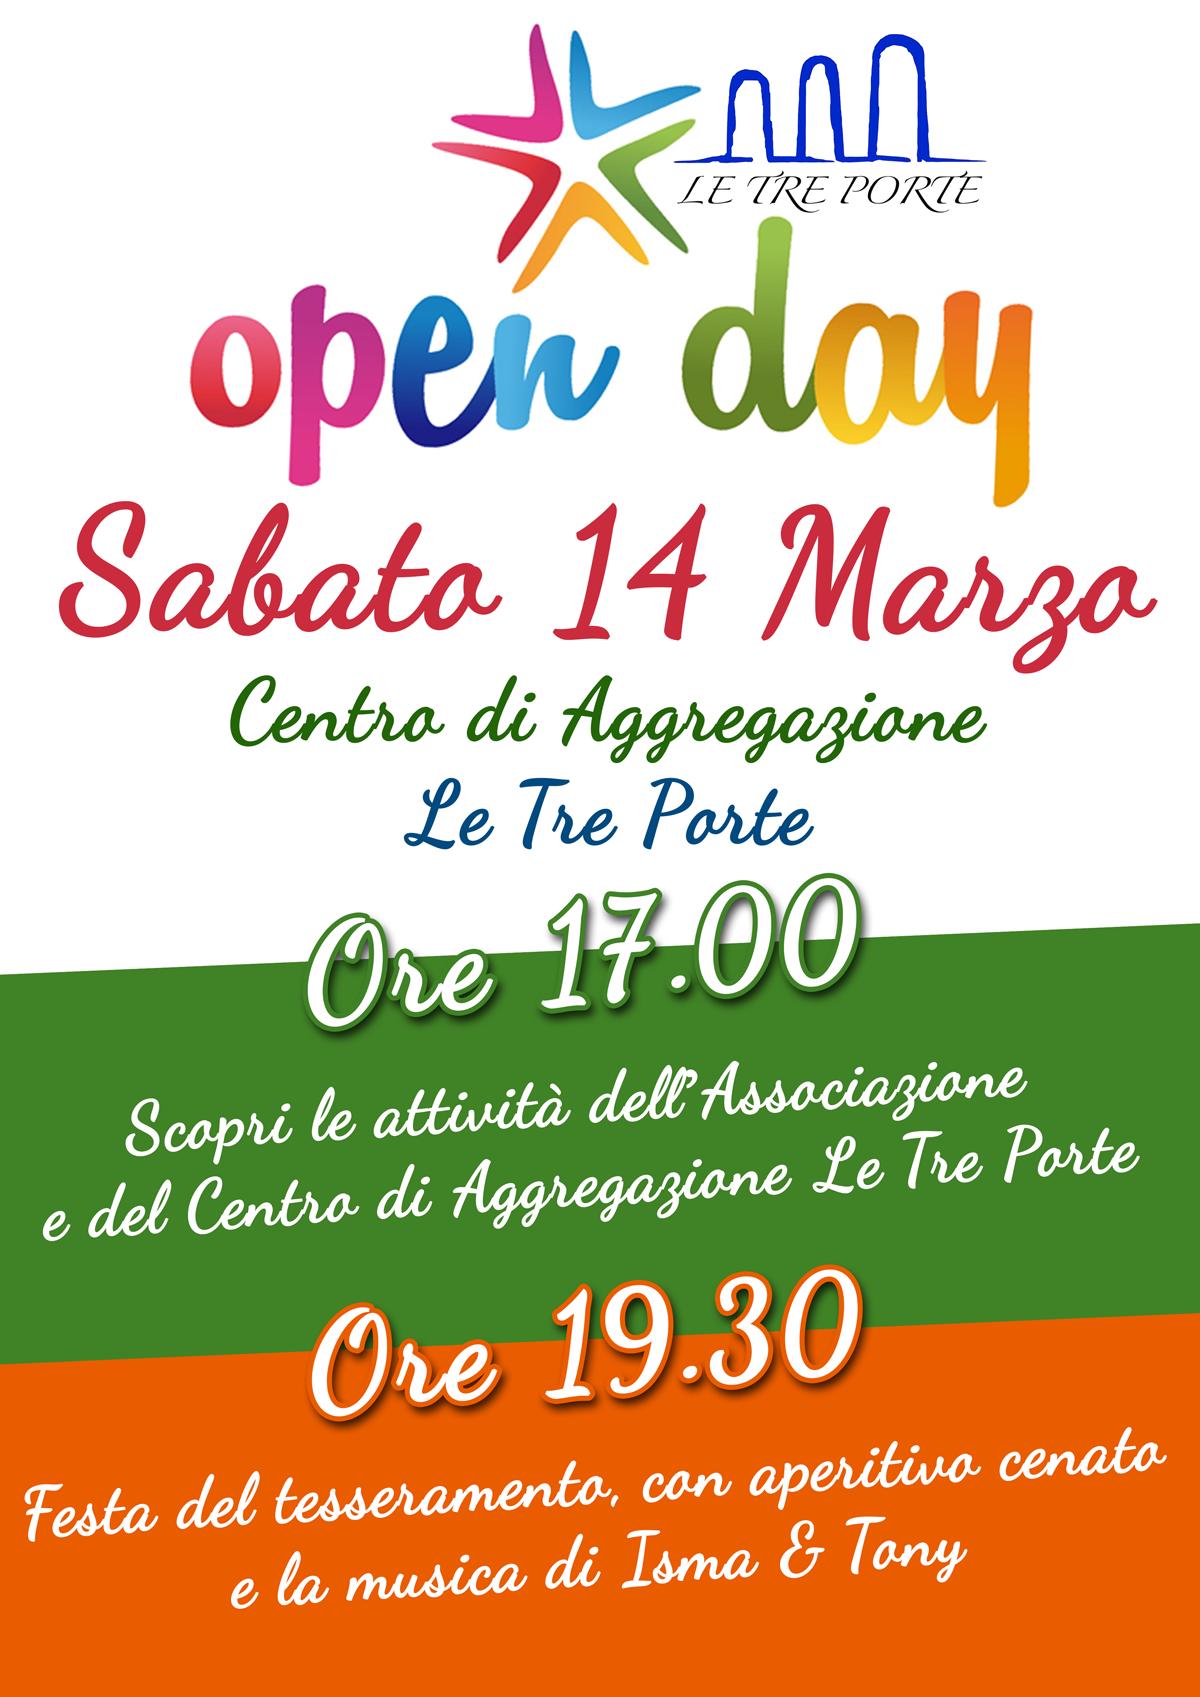 Openday – Festa del tesseramento